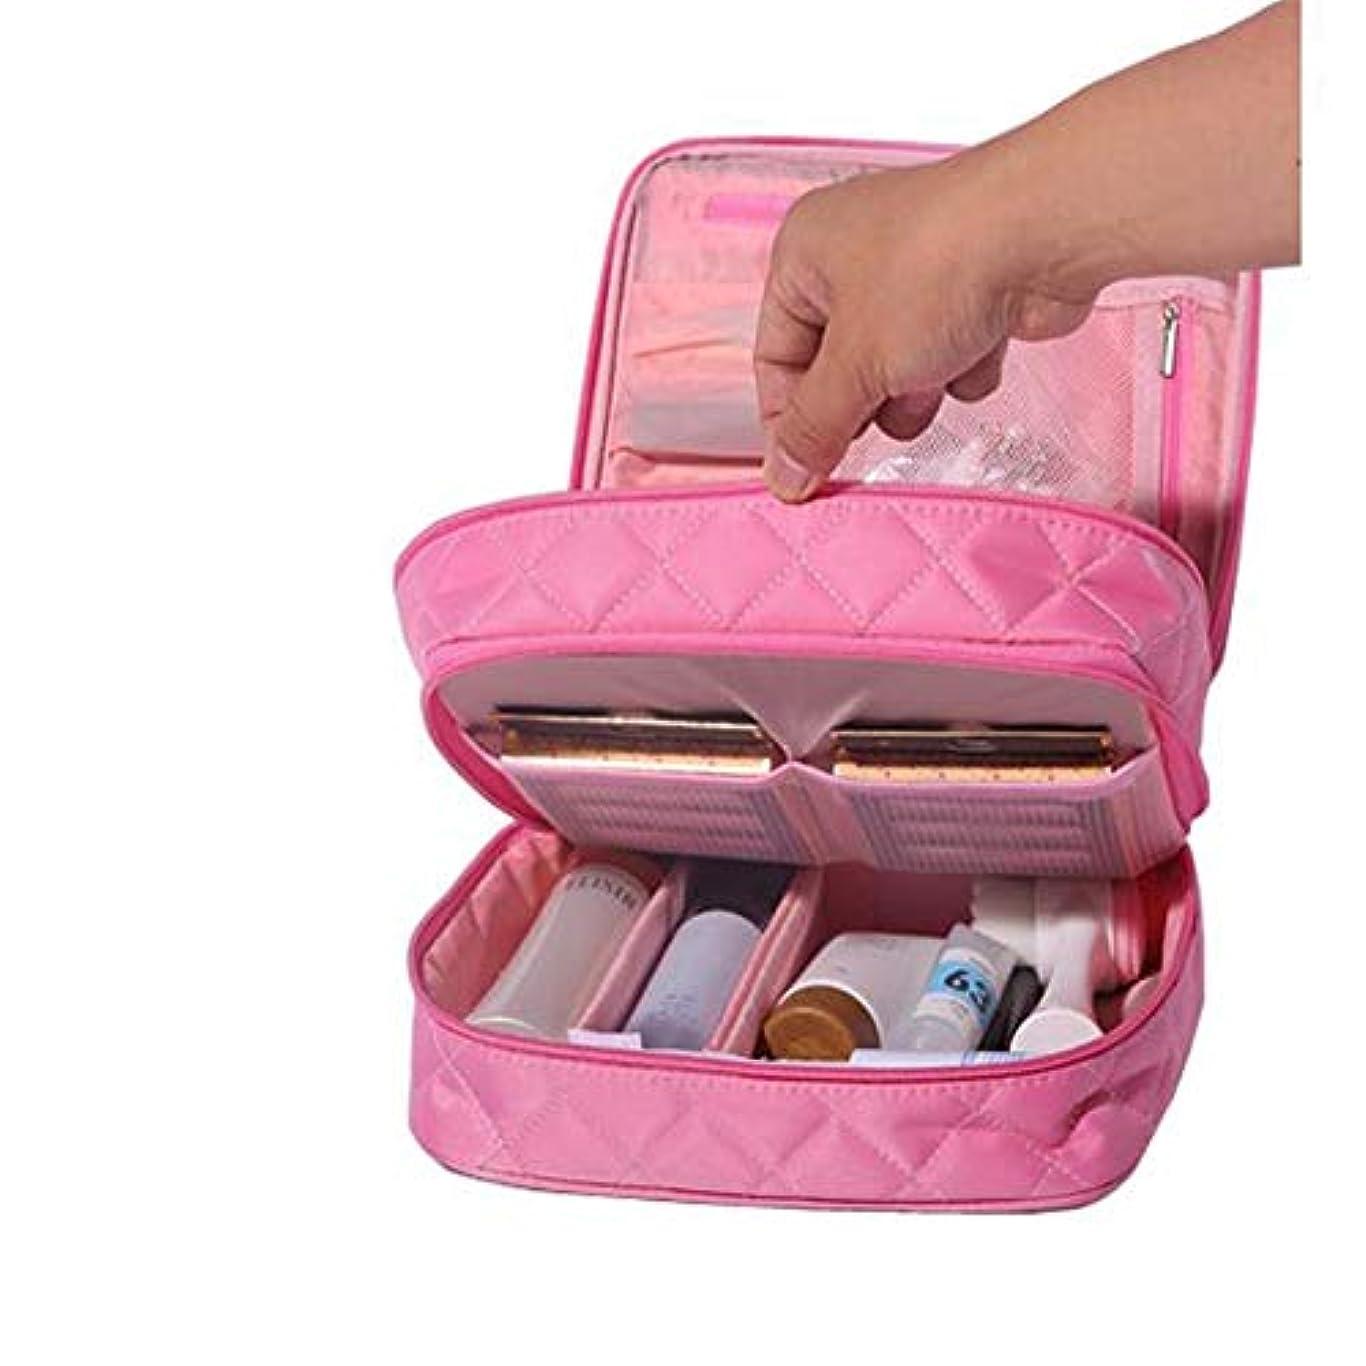 金銭的給料突破口特大スペース収納ビューティーボックス 化粧品袋、携帯用旅行化粧品の箱、化粧品の箱、収納箱、調節可能なディバイダーが付いている小型化粧の電車箱、化粧品の化粧筆、化粧品 化粧品化粧台 (色 : ピンク)